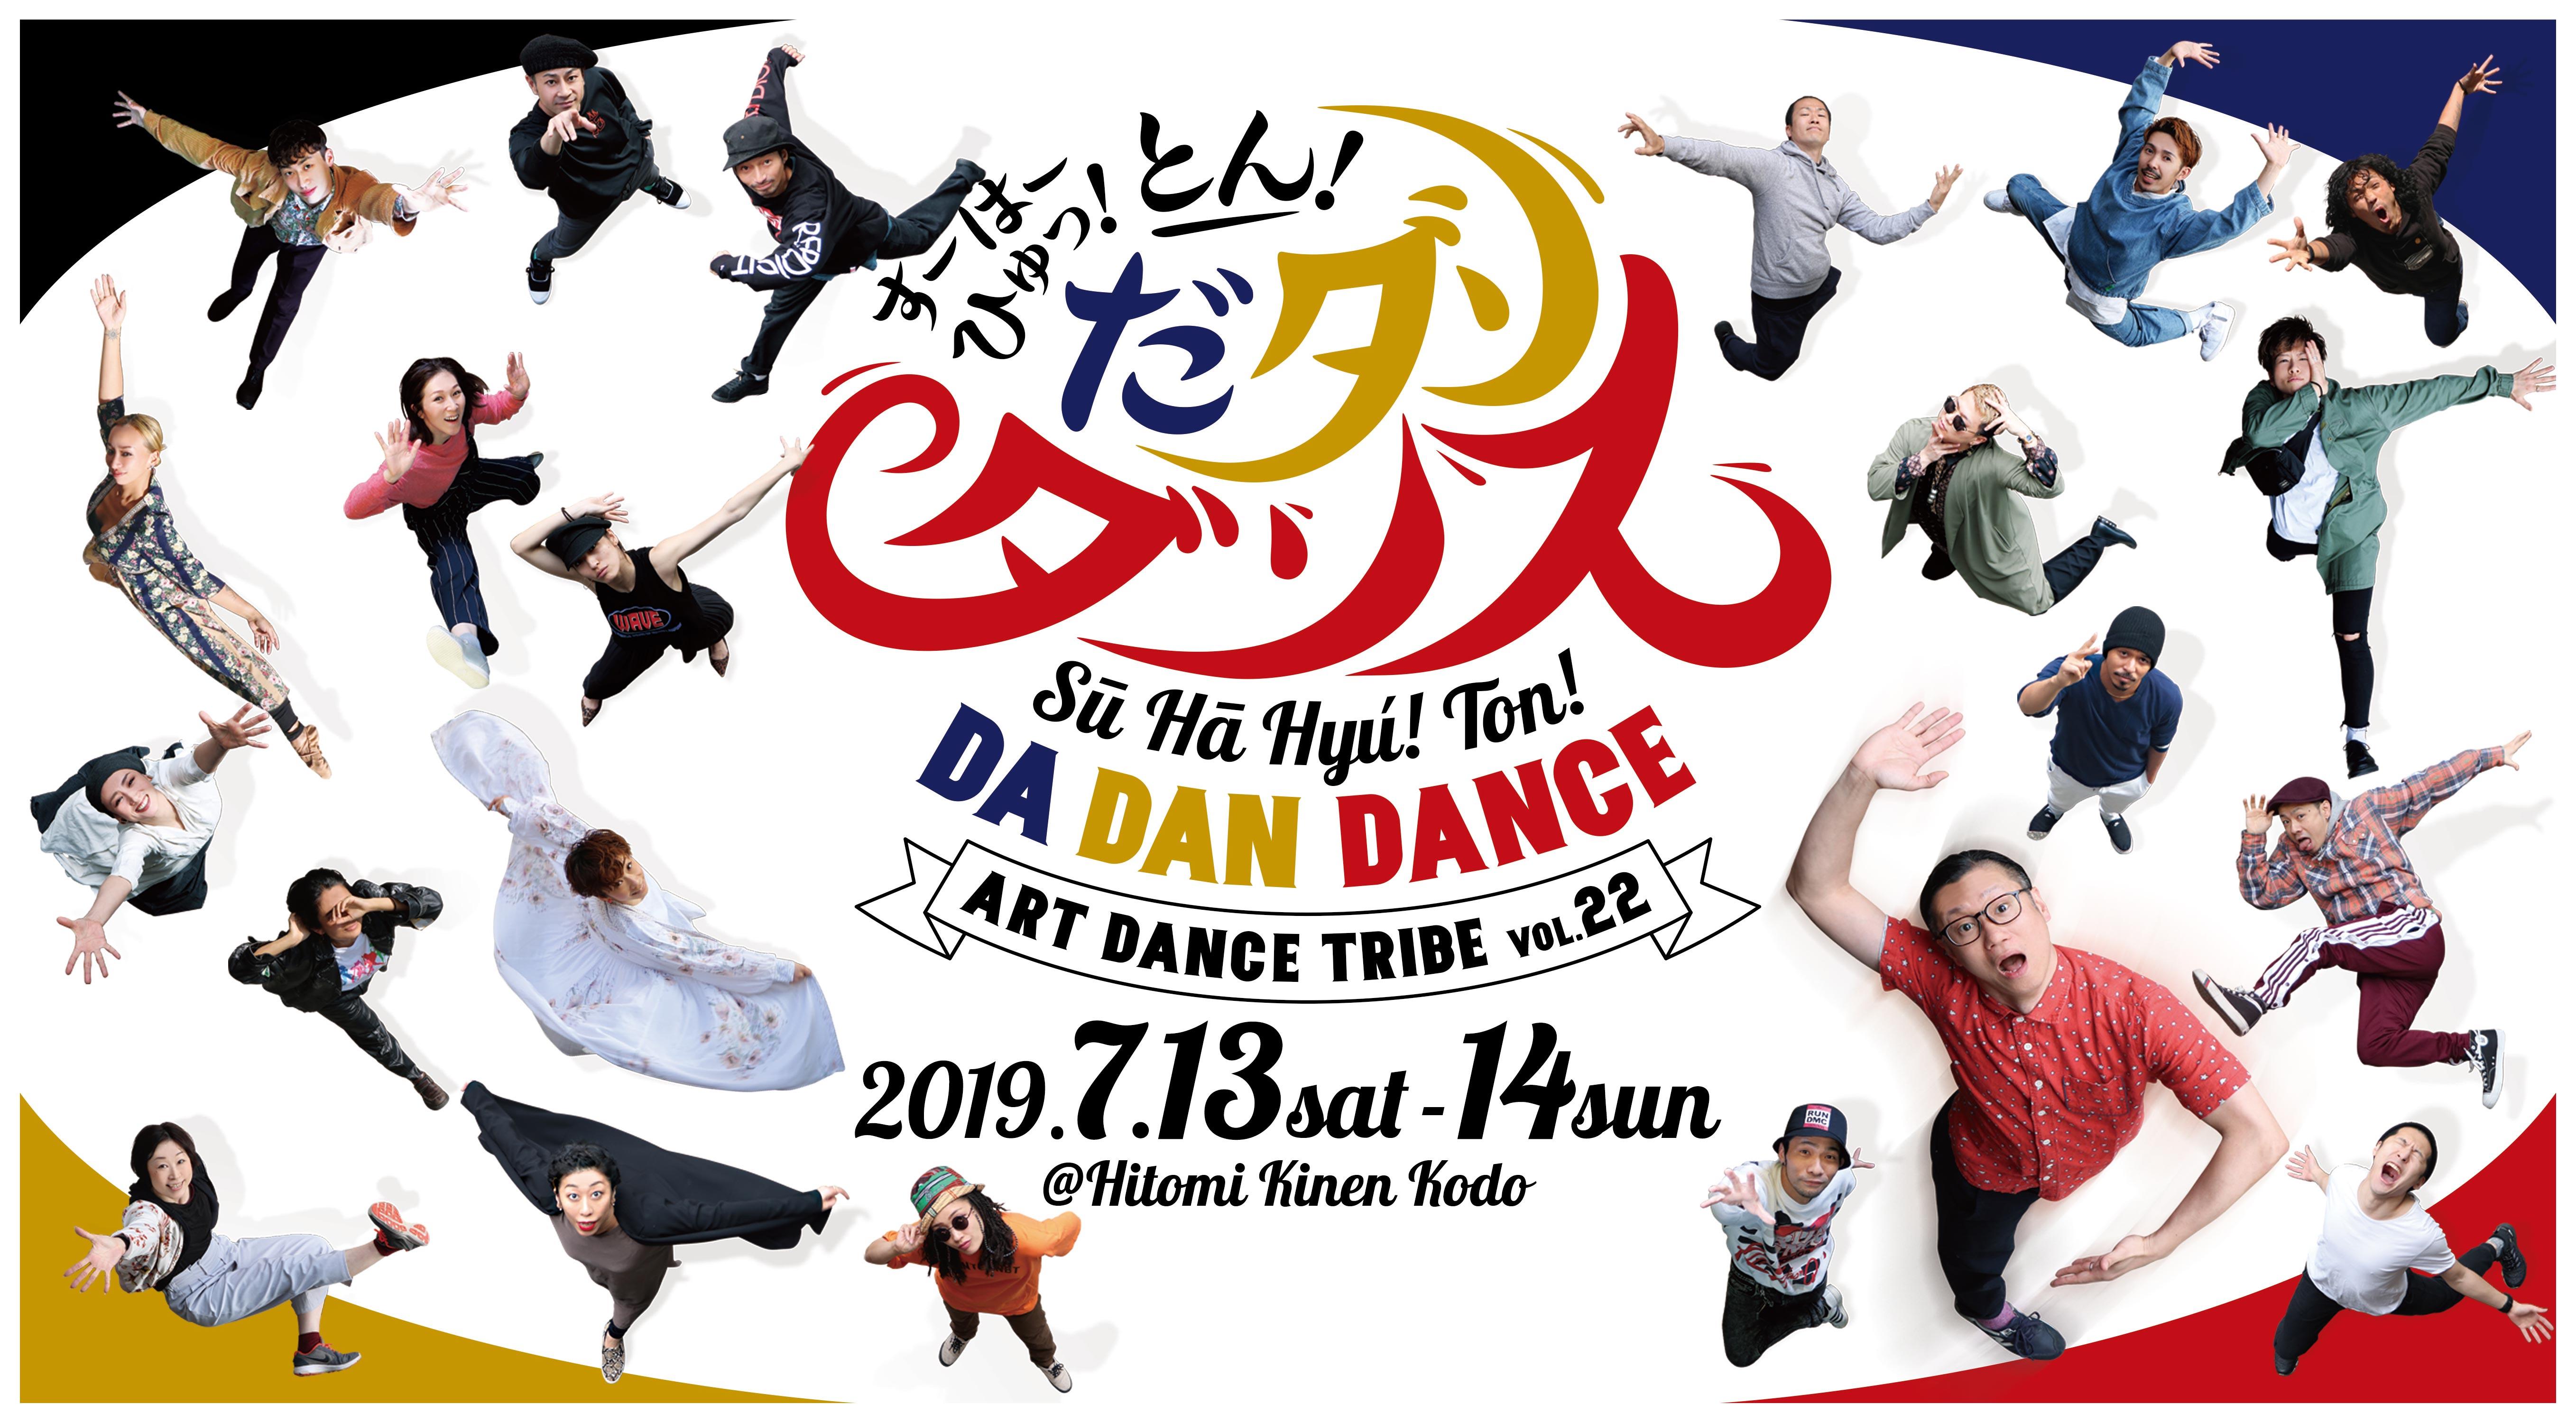 豪華インストラクターナンバーリハーサル映像公開!!DANCE WORKS発表会「ART DANCE TRIBE vol.22」開催まもなく!!